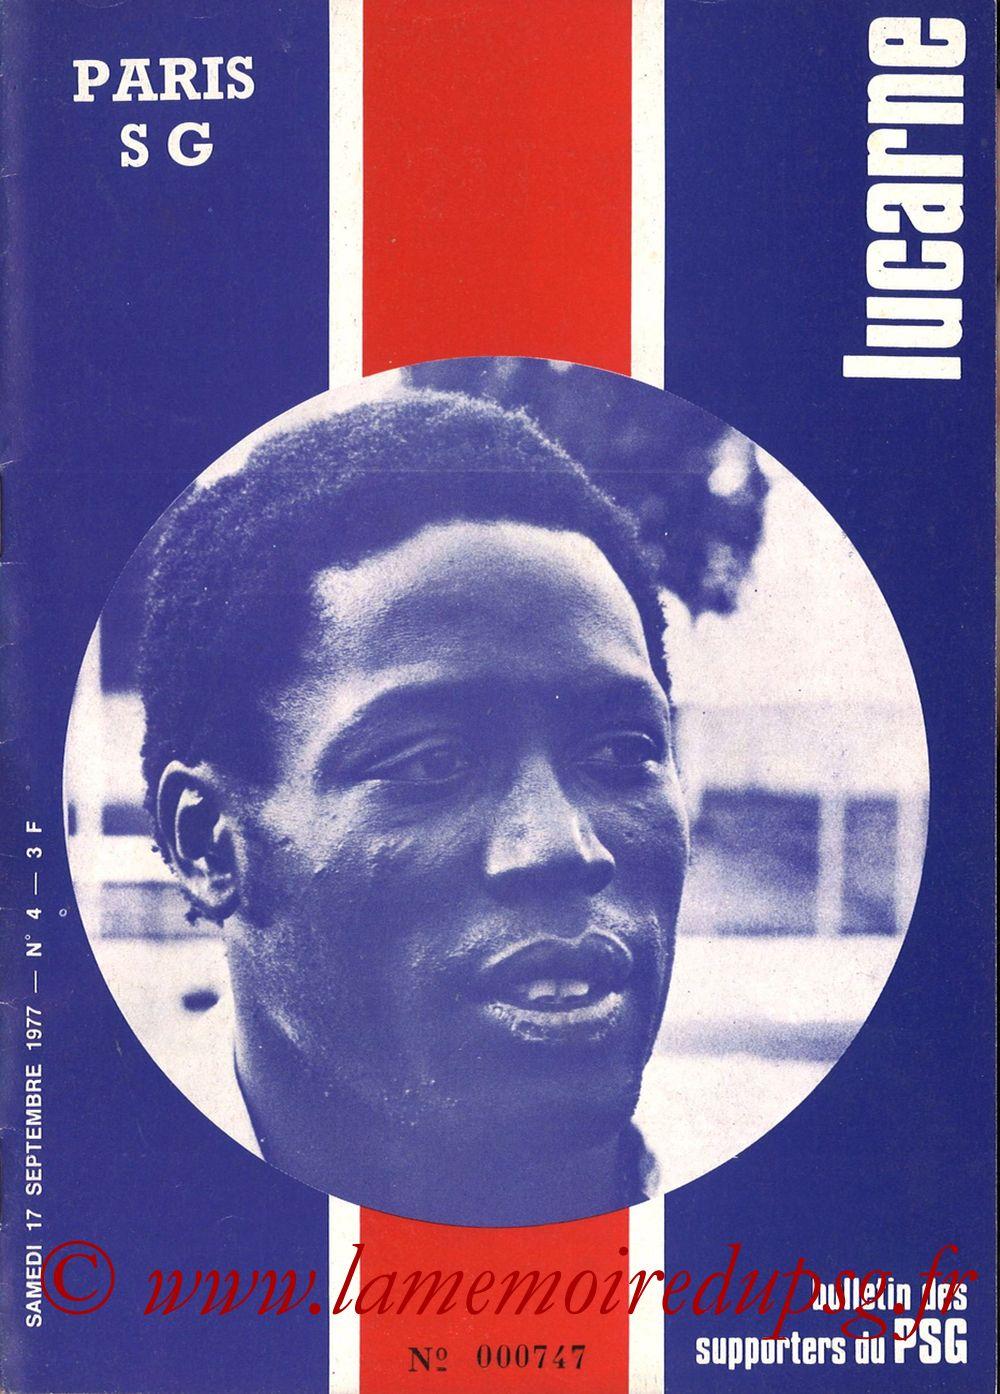 1977-09-17  PSG-Metz (8ème D1, Lucarne N°4)